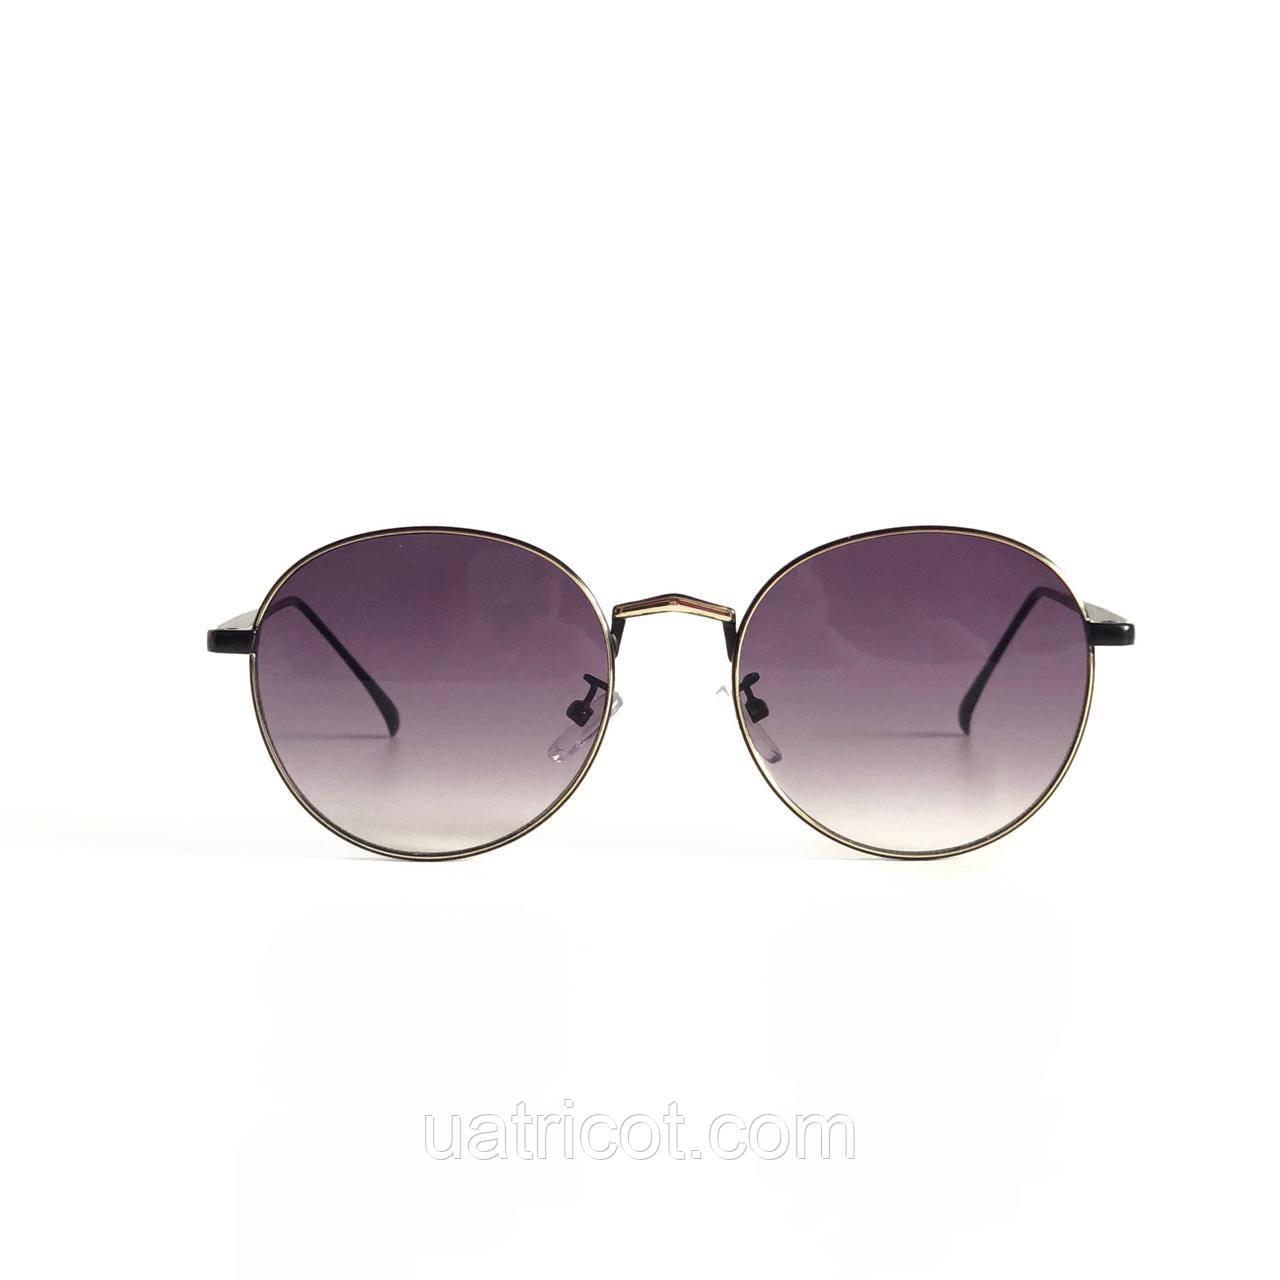 Женские круглые солнцезащитные очки в чёрной оправе с лавандовыми линзами